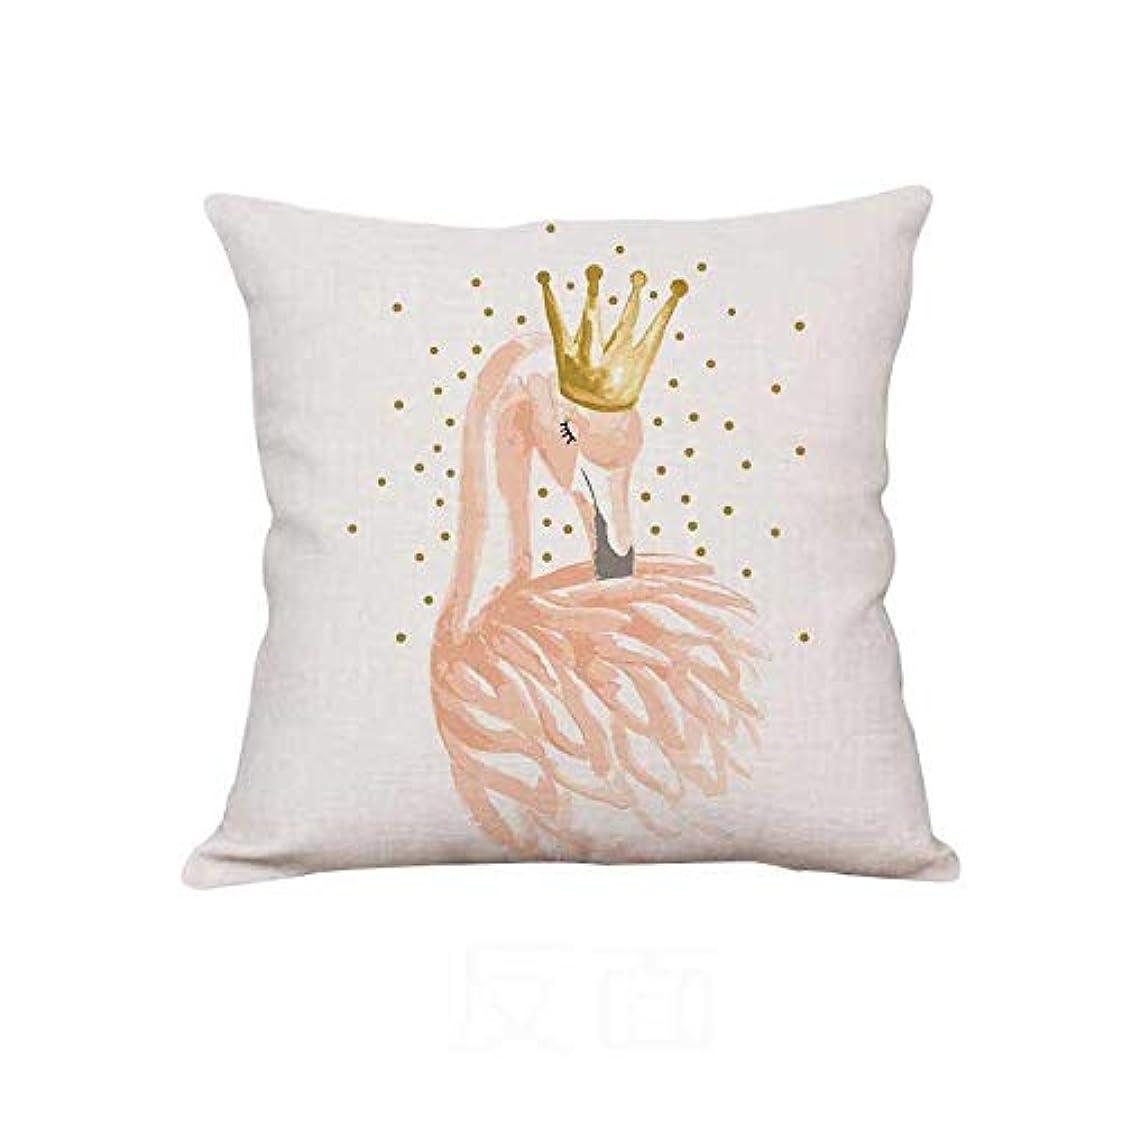 寄付する水差しイデオロギーLIFE 新しいぬいぐるみピンクフラミンゴクッションガチョウの羽風船幾何北欧家の装飾ソファスロー枕用女の子ルーム装飾 クッション 椅子